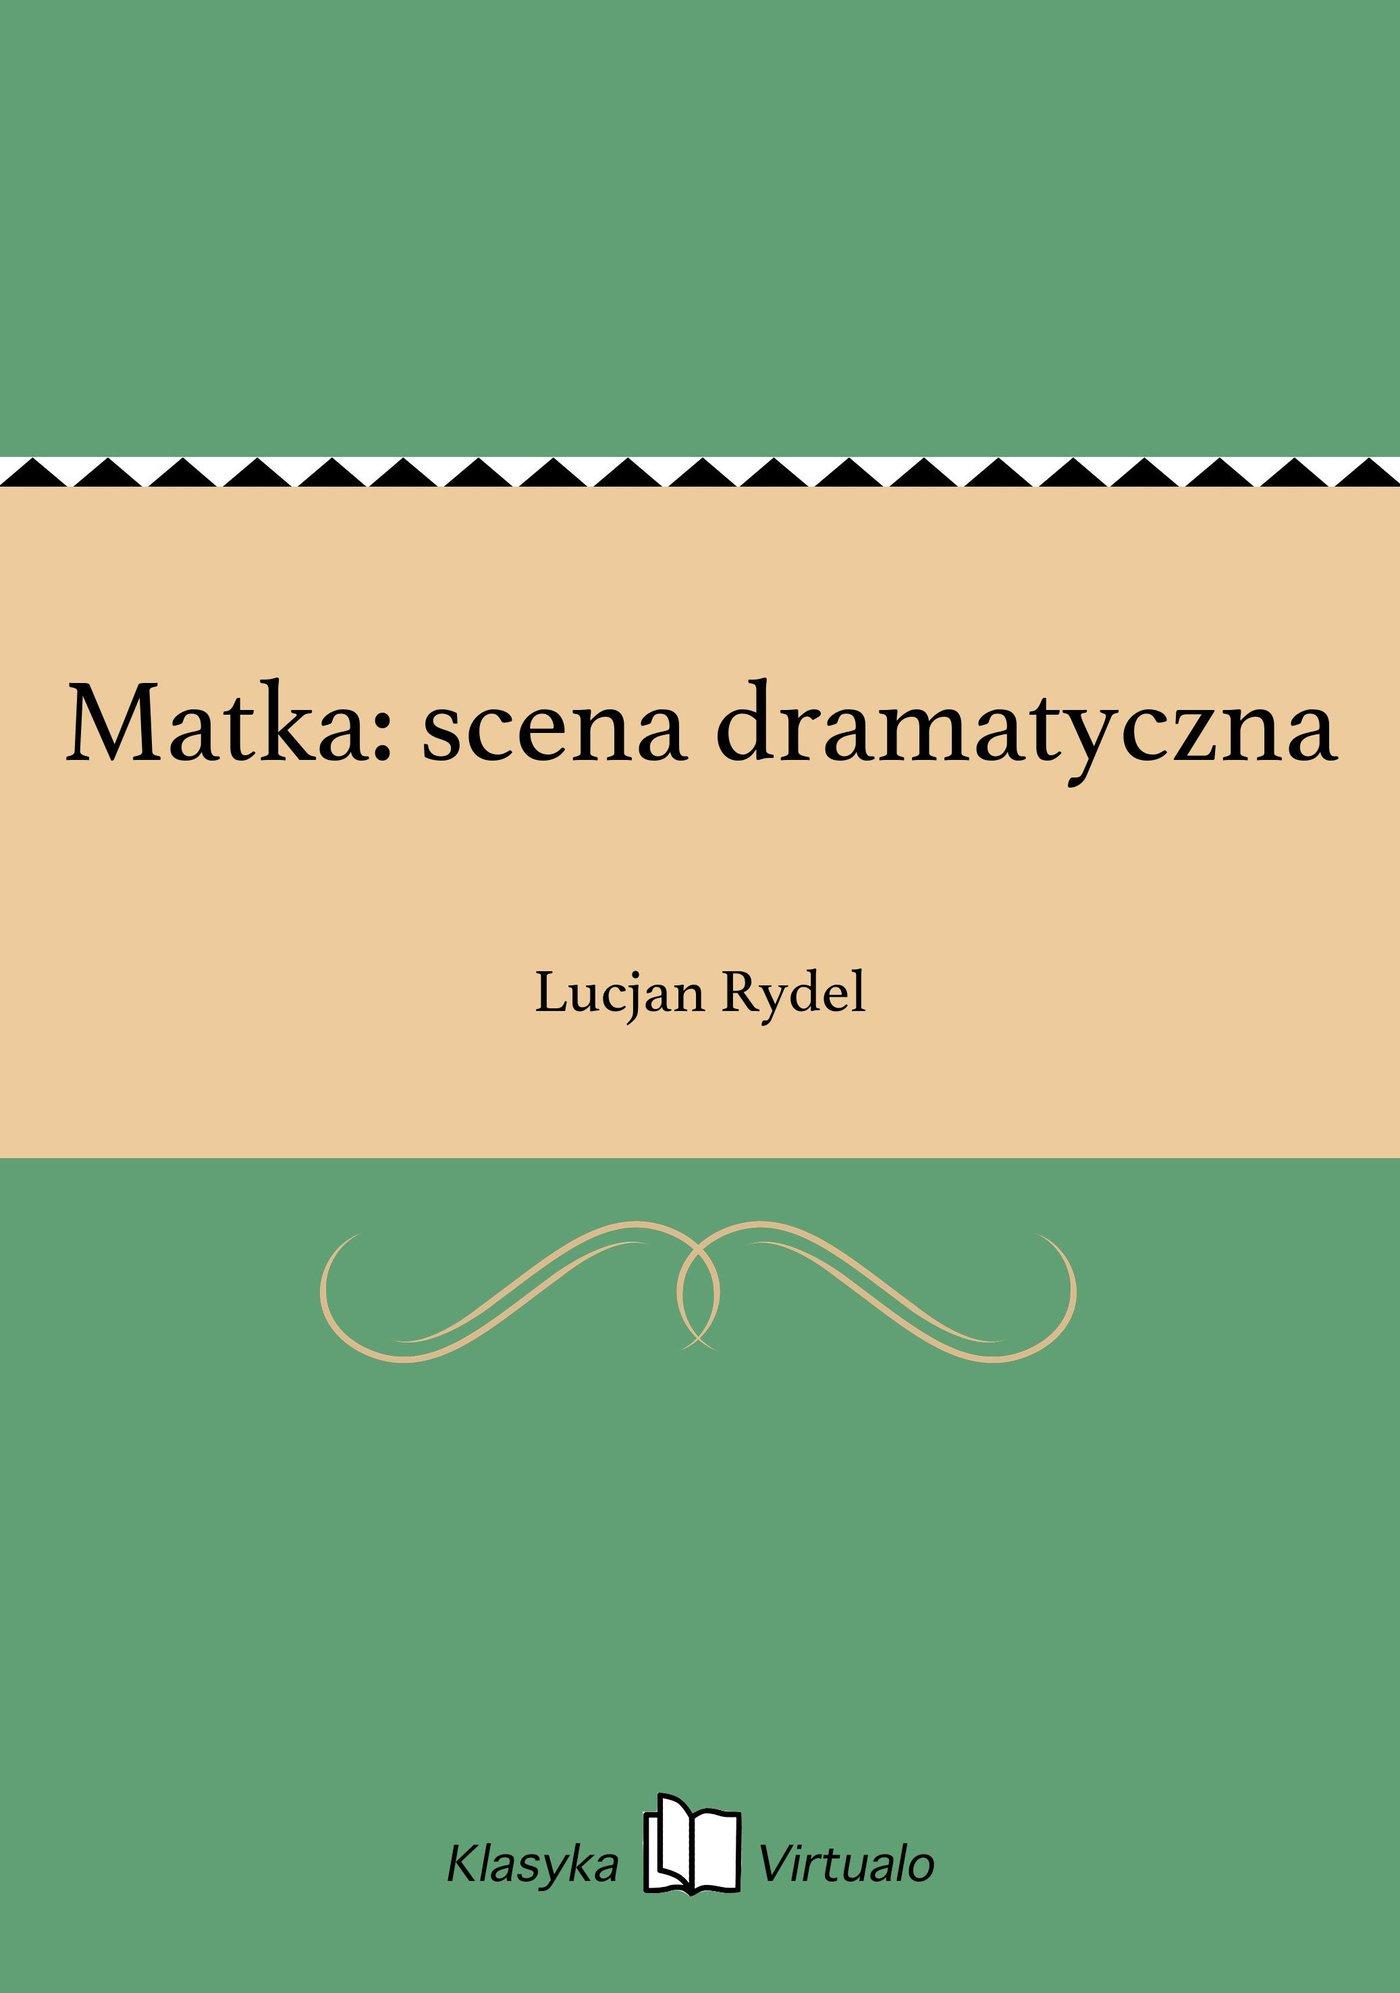 Matka: scena dramatyczna - Ebook (Książka na Kindle) do pobrania w formacie MOBI